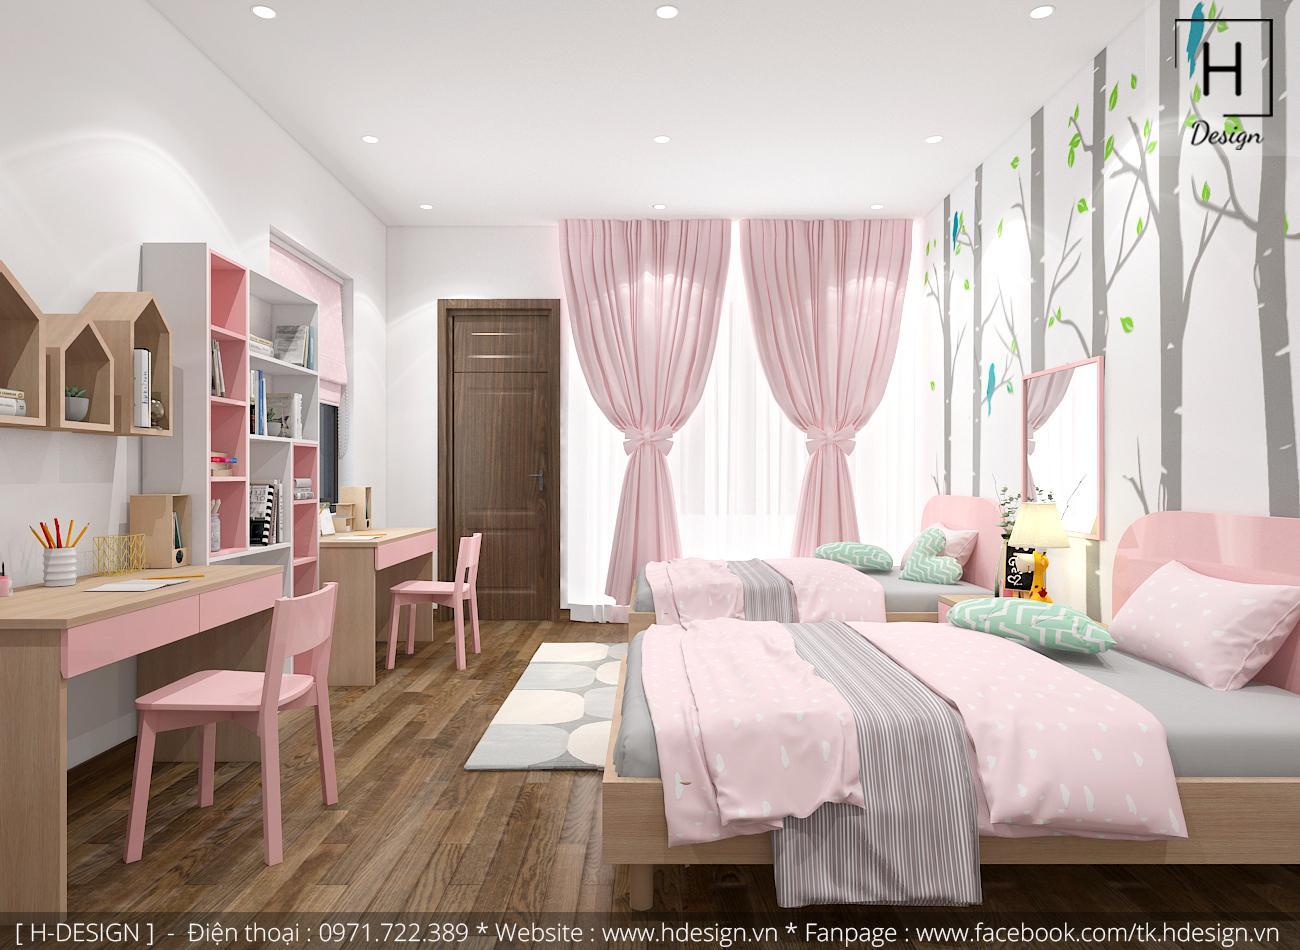 Thiết kế thi công nội thất nhà phố đẹp tại Mễ Trì - Hà Nội 14